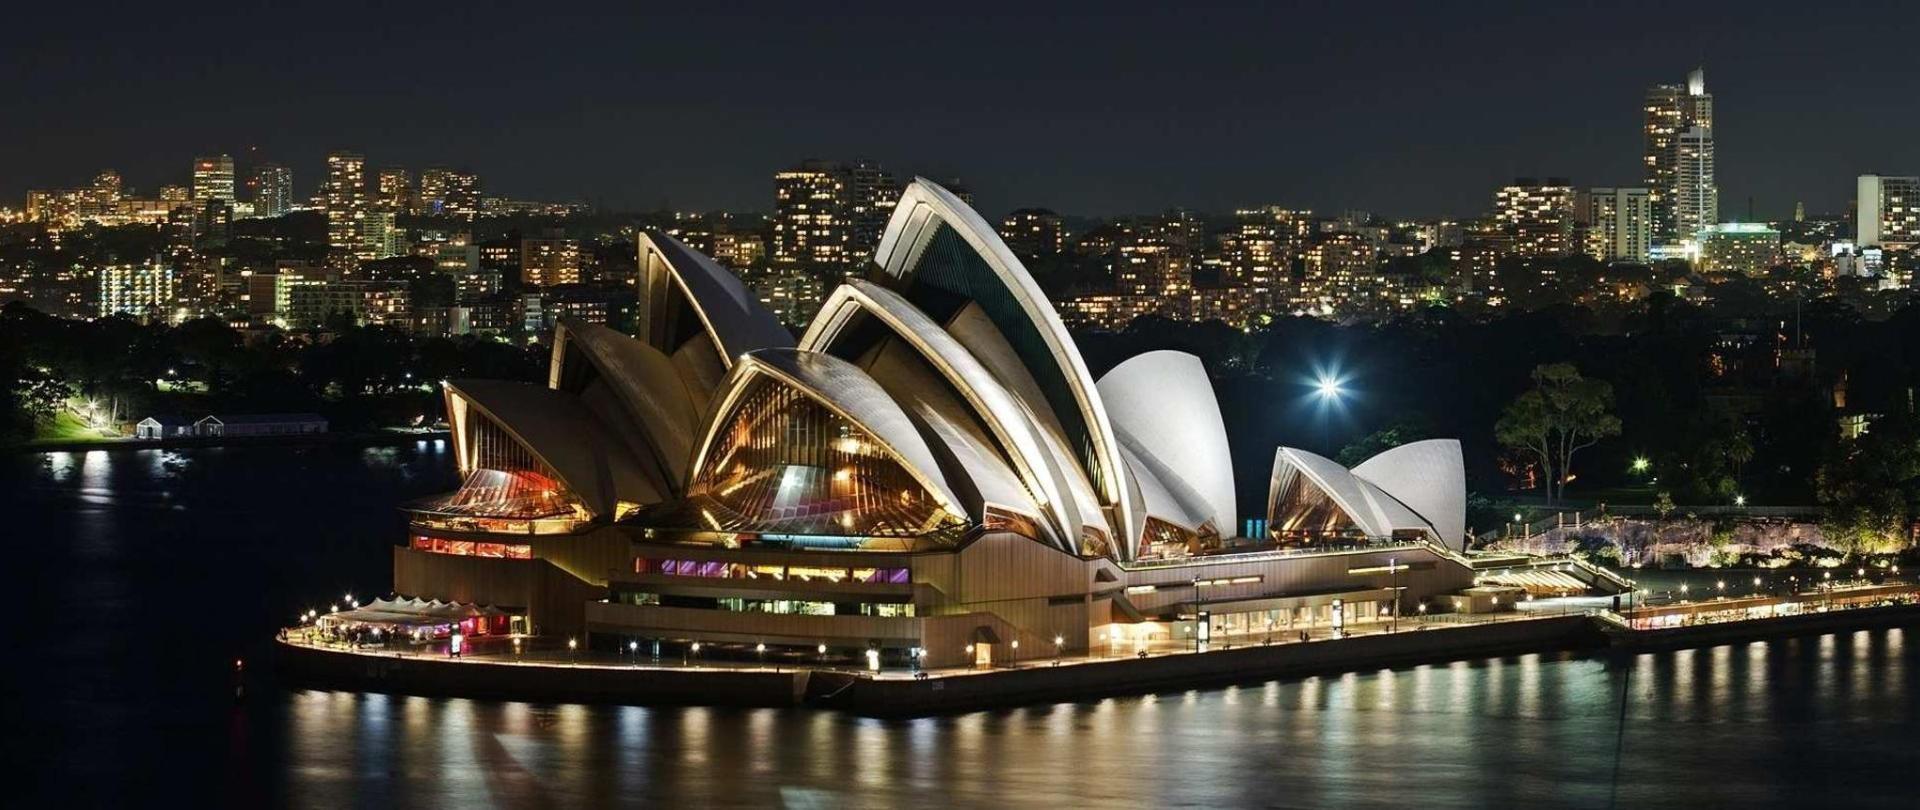 Opera_House_Night_View.jpg